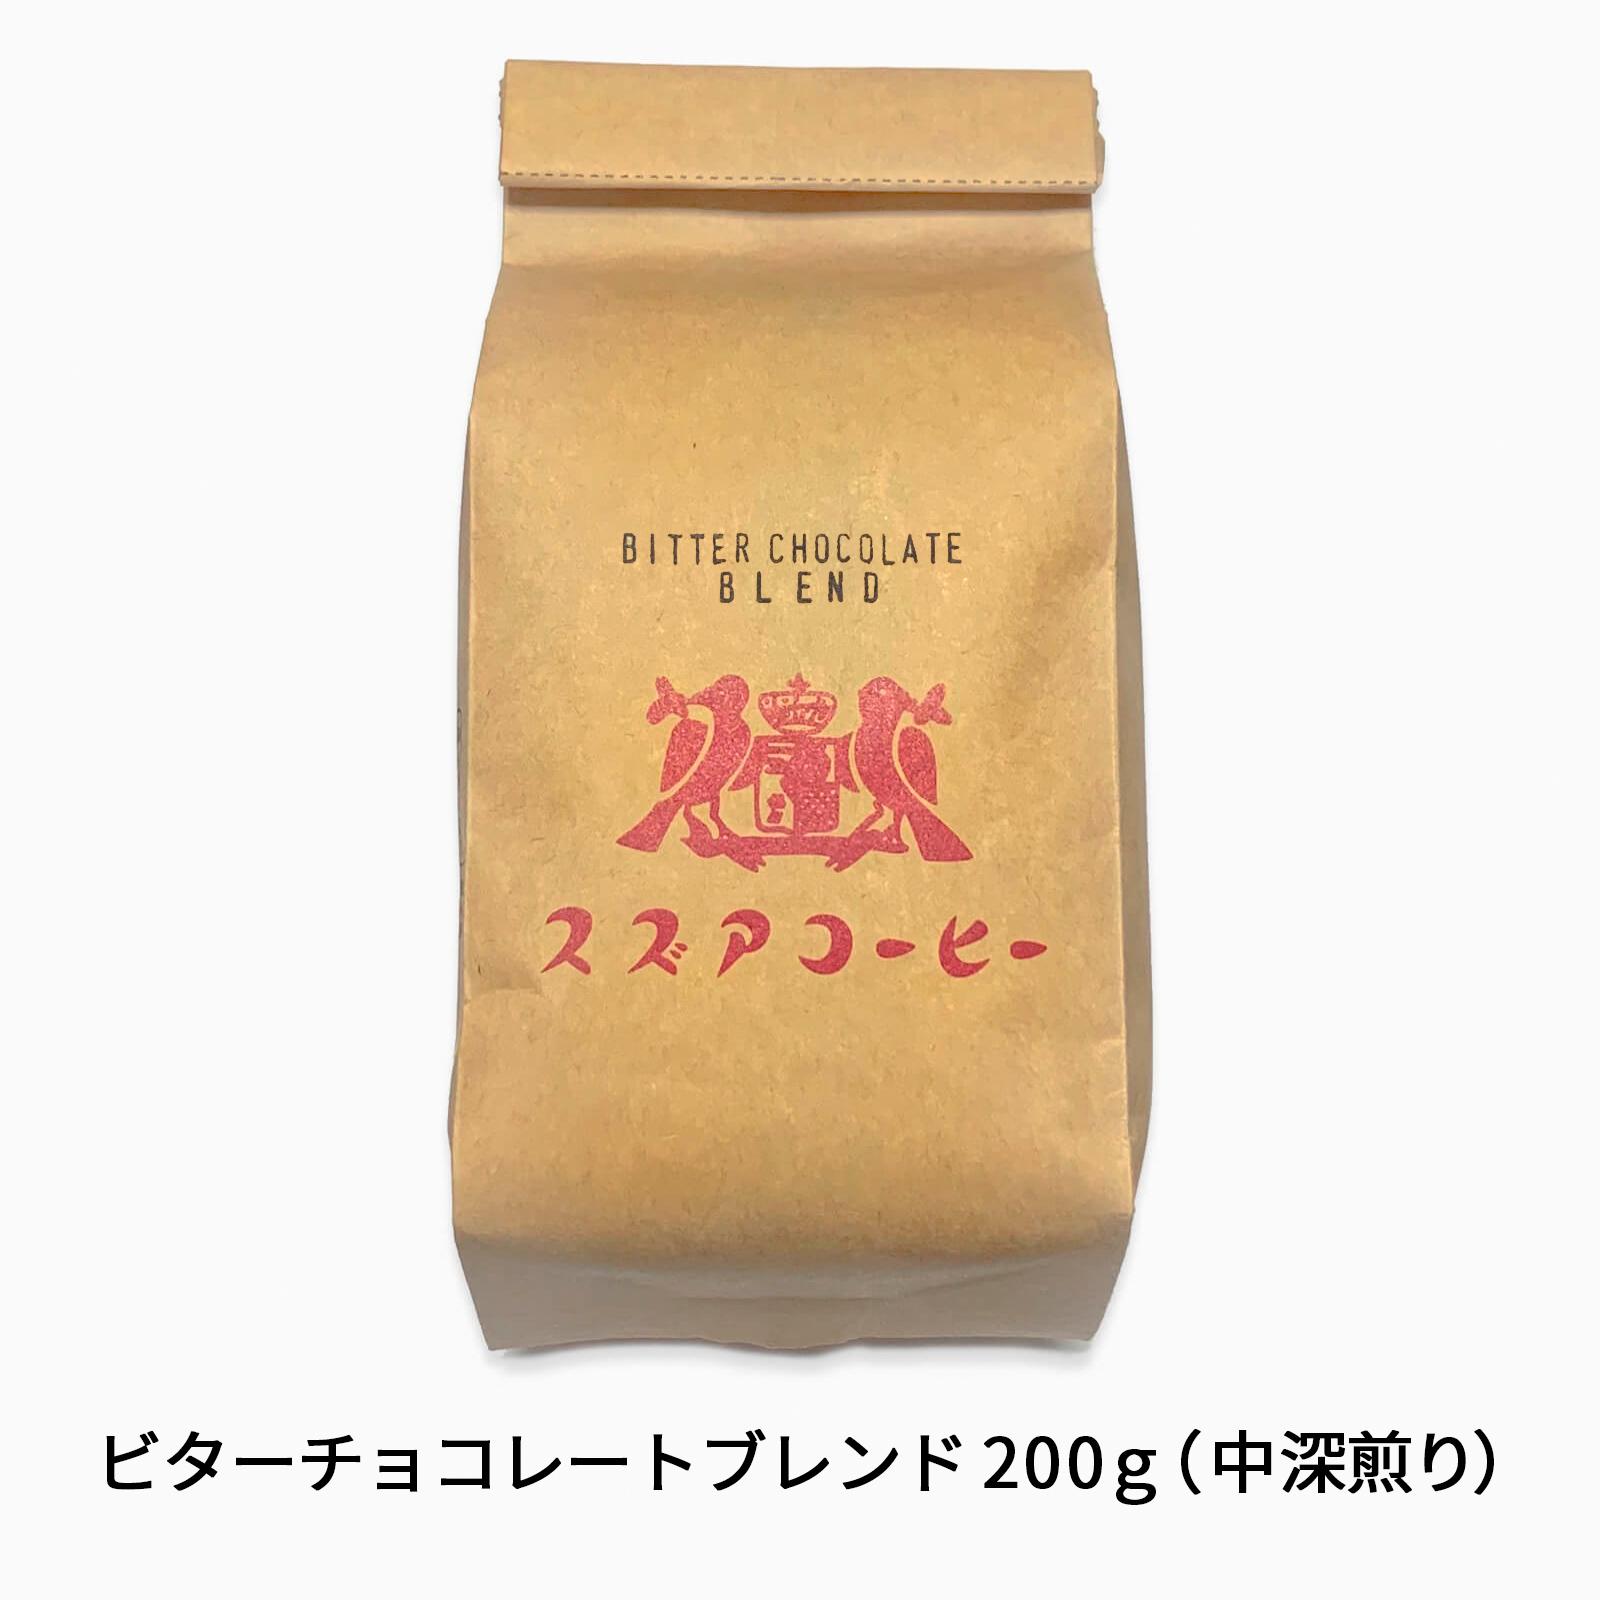 ビターチョコレートブレンド 200g(中深煎り)